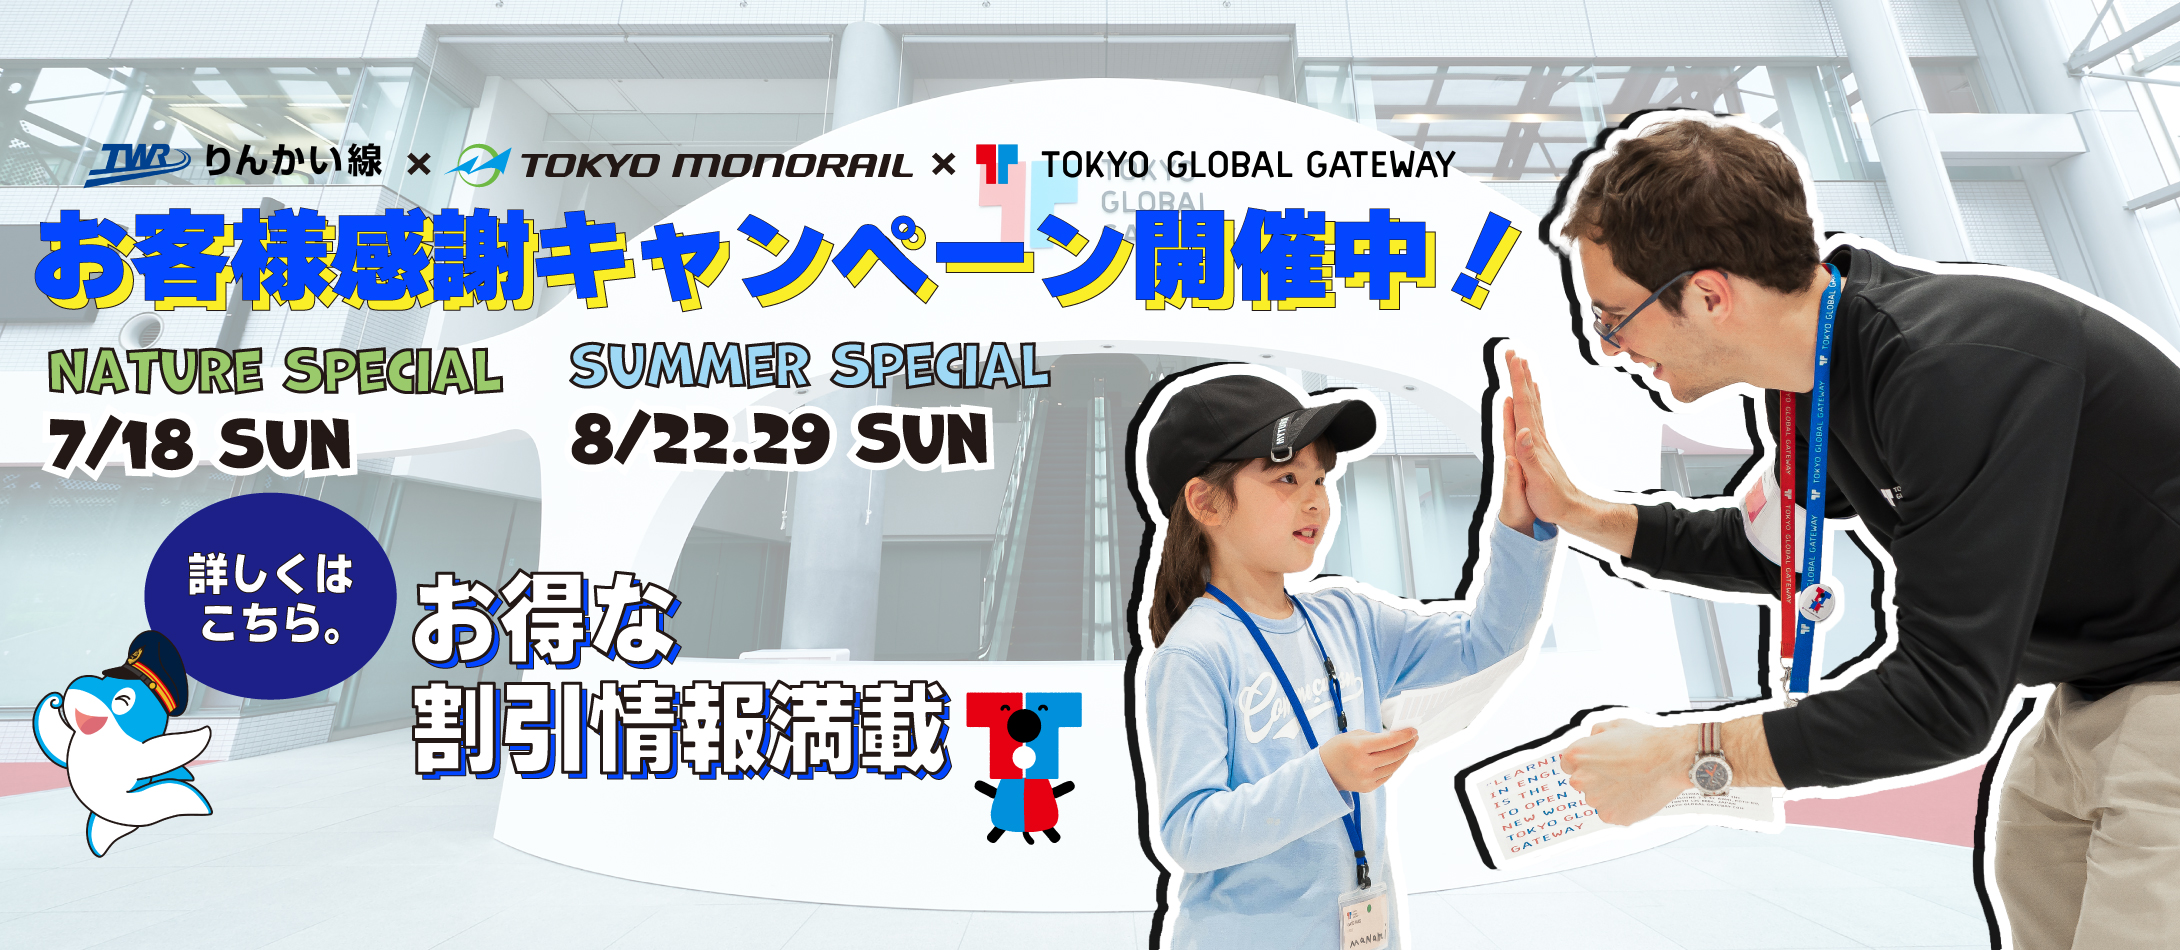 りんかい線×TOKYO GLOBAL GATEWAY お客様感謝キャンペーン